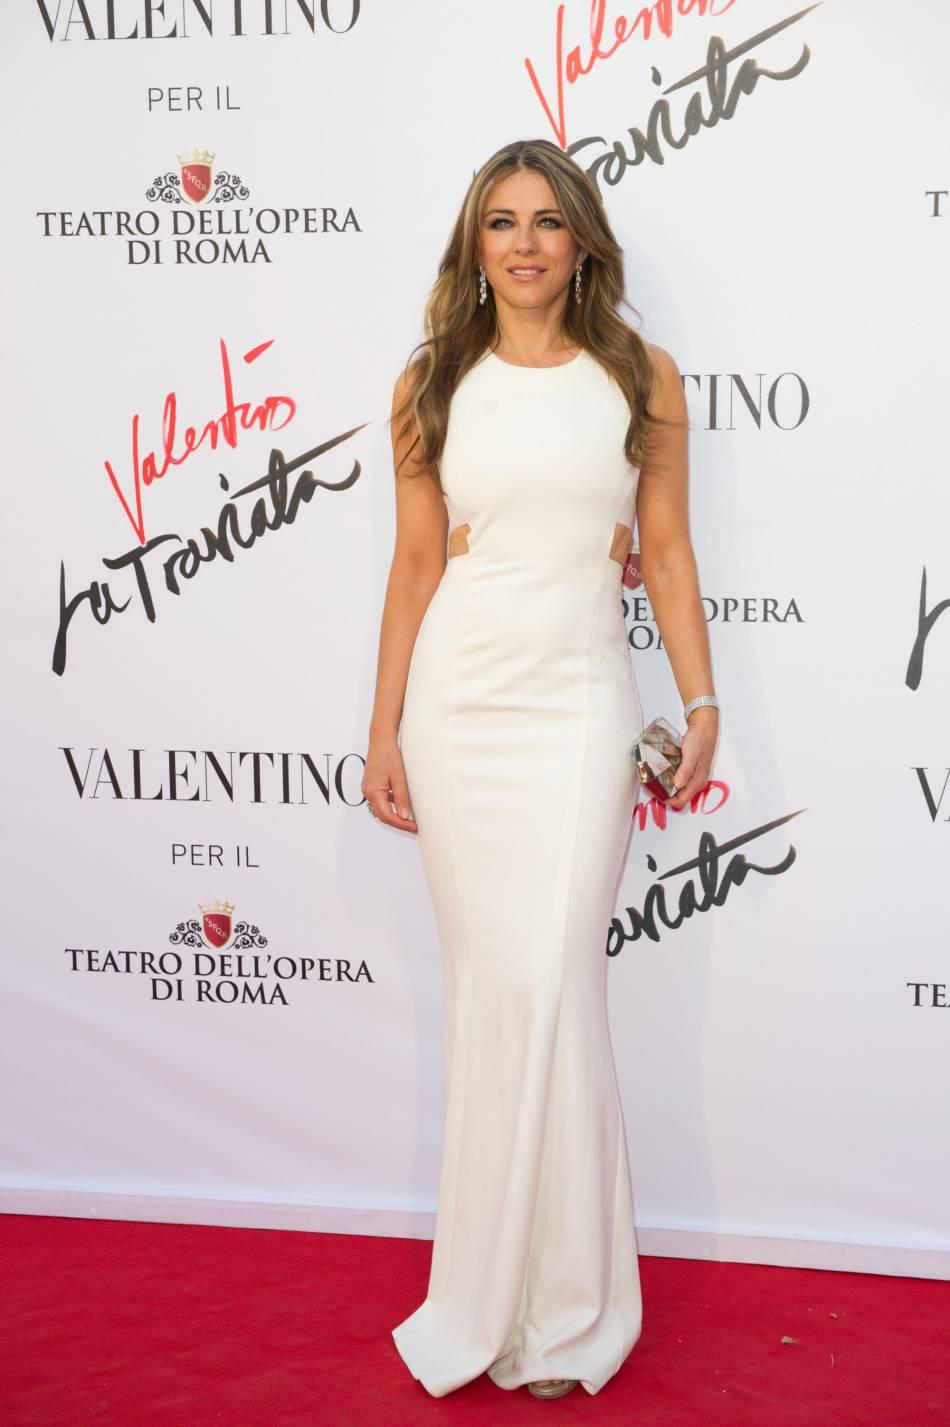 Elizabeth Hurley a opté pour une longue robe blanche flattant sa silhouette pour assister à la première de l'opéra de Verdi.